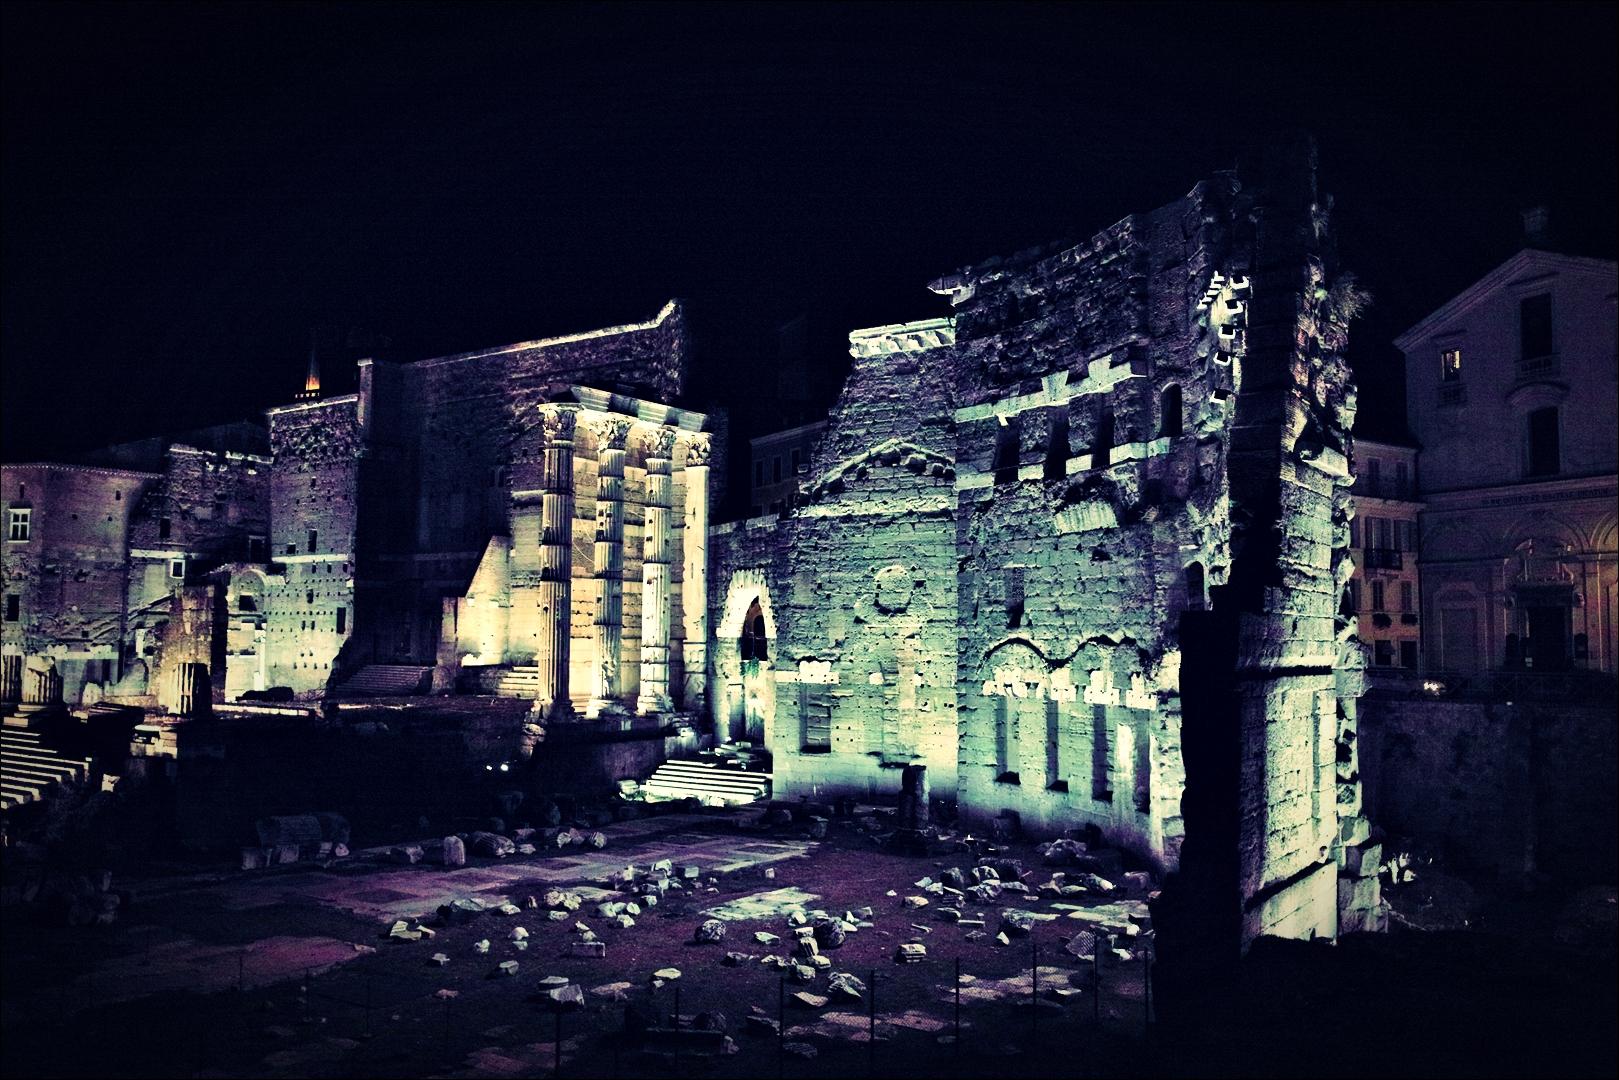 발굴현장-'로마의 밤거리'